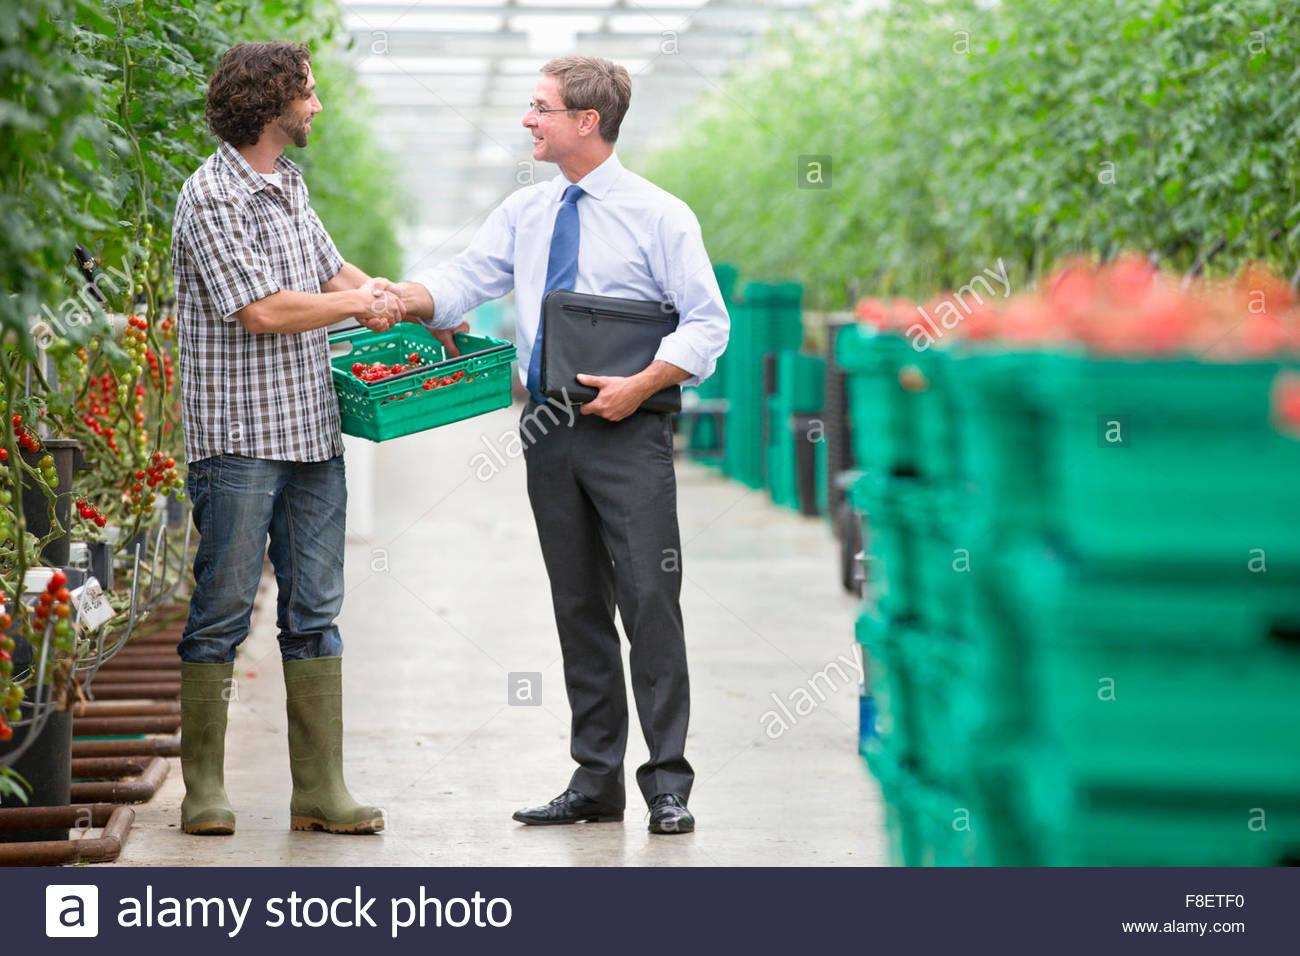 Empresario y agricultor con cajas de tomates de invernadero de enlace Imagen De Stock